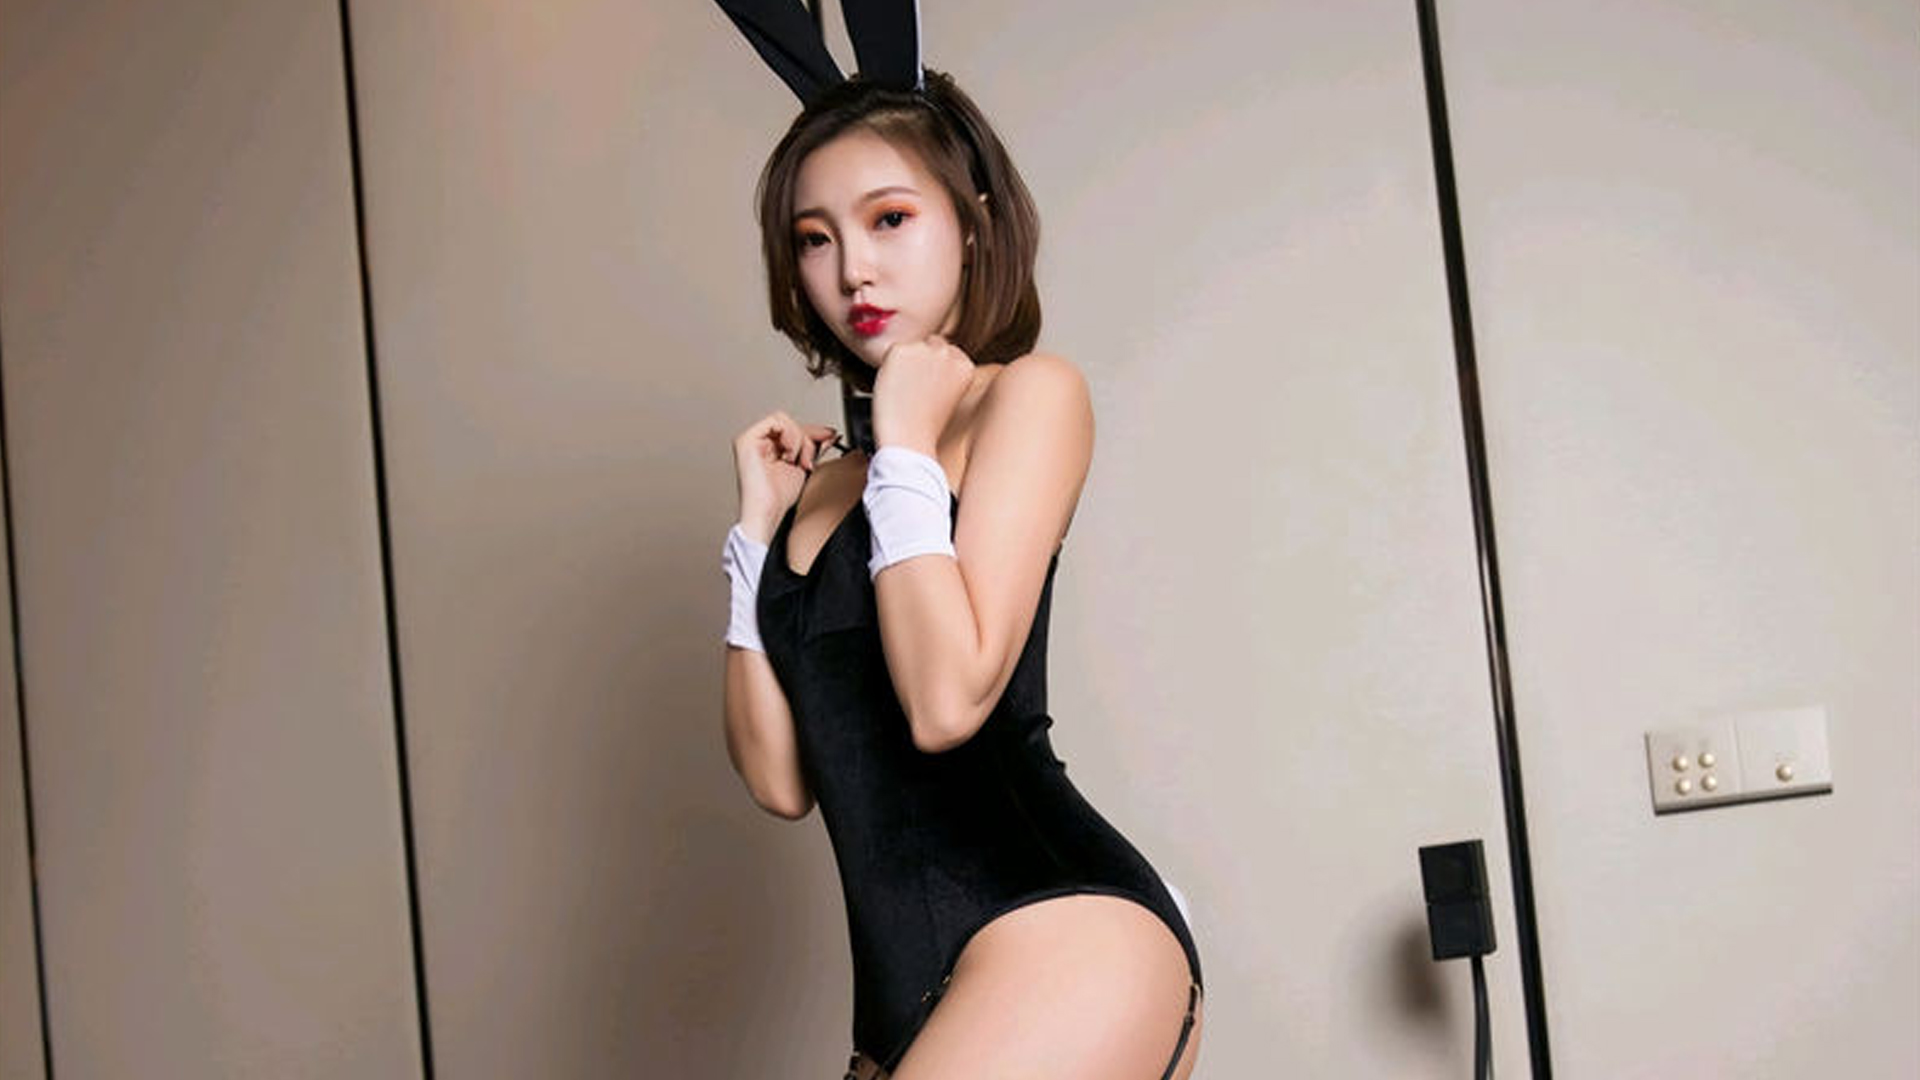 性感美艳私房兔女郎唯美爆乳大胸诱惑写真桌面壁纸